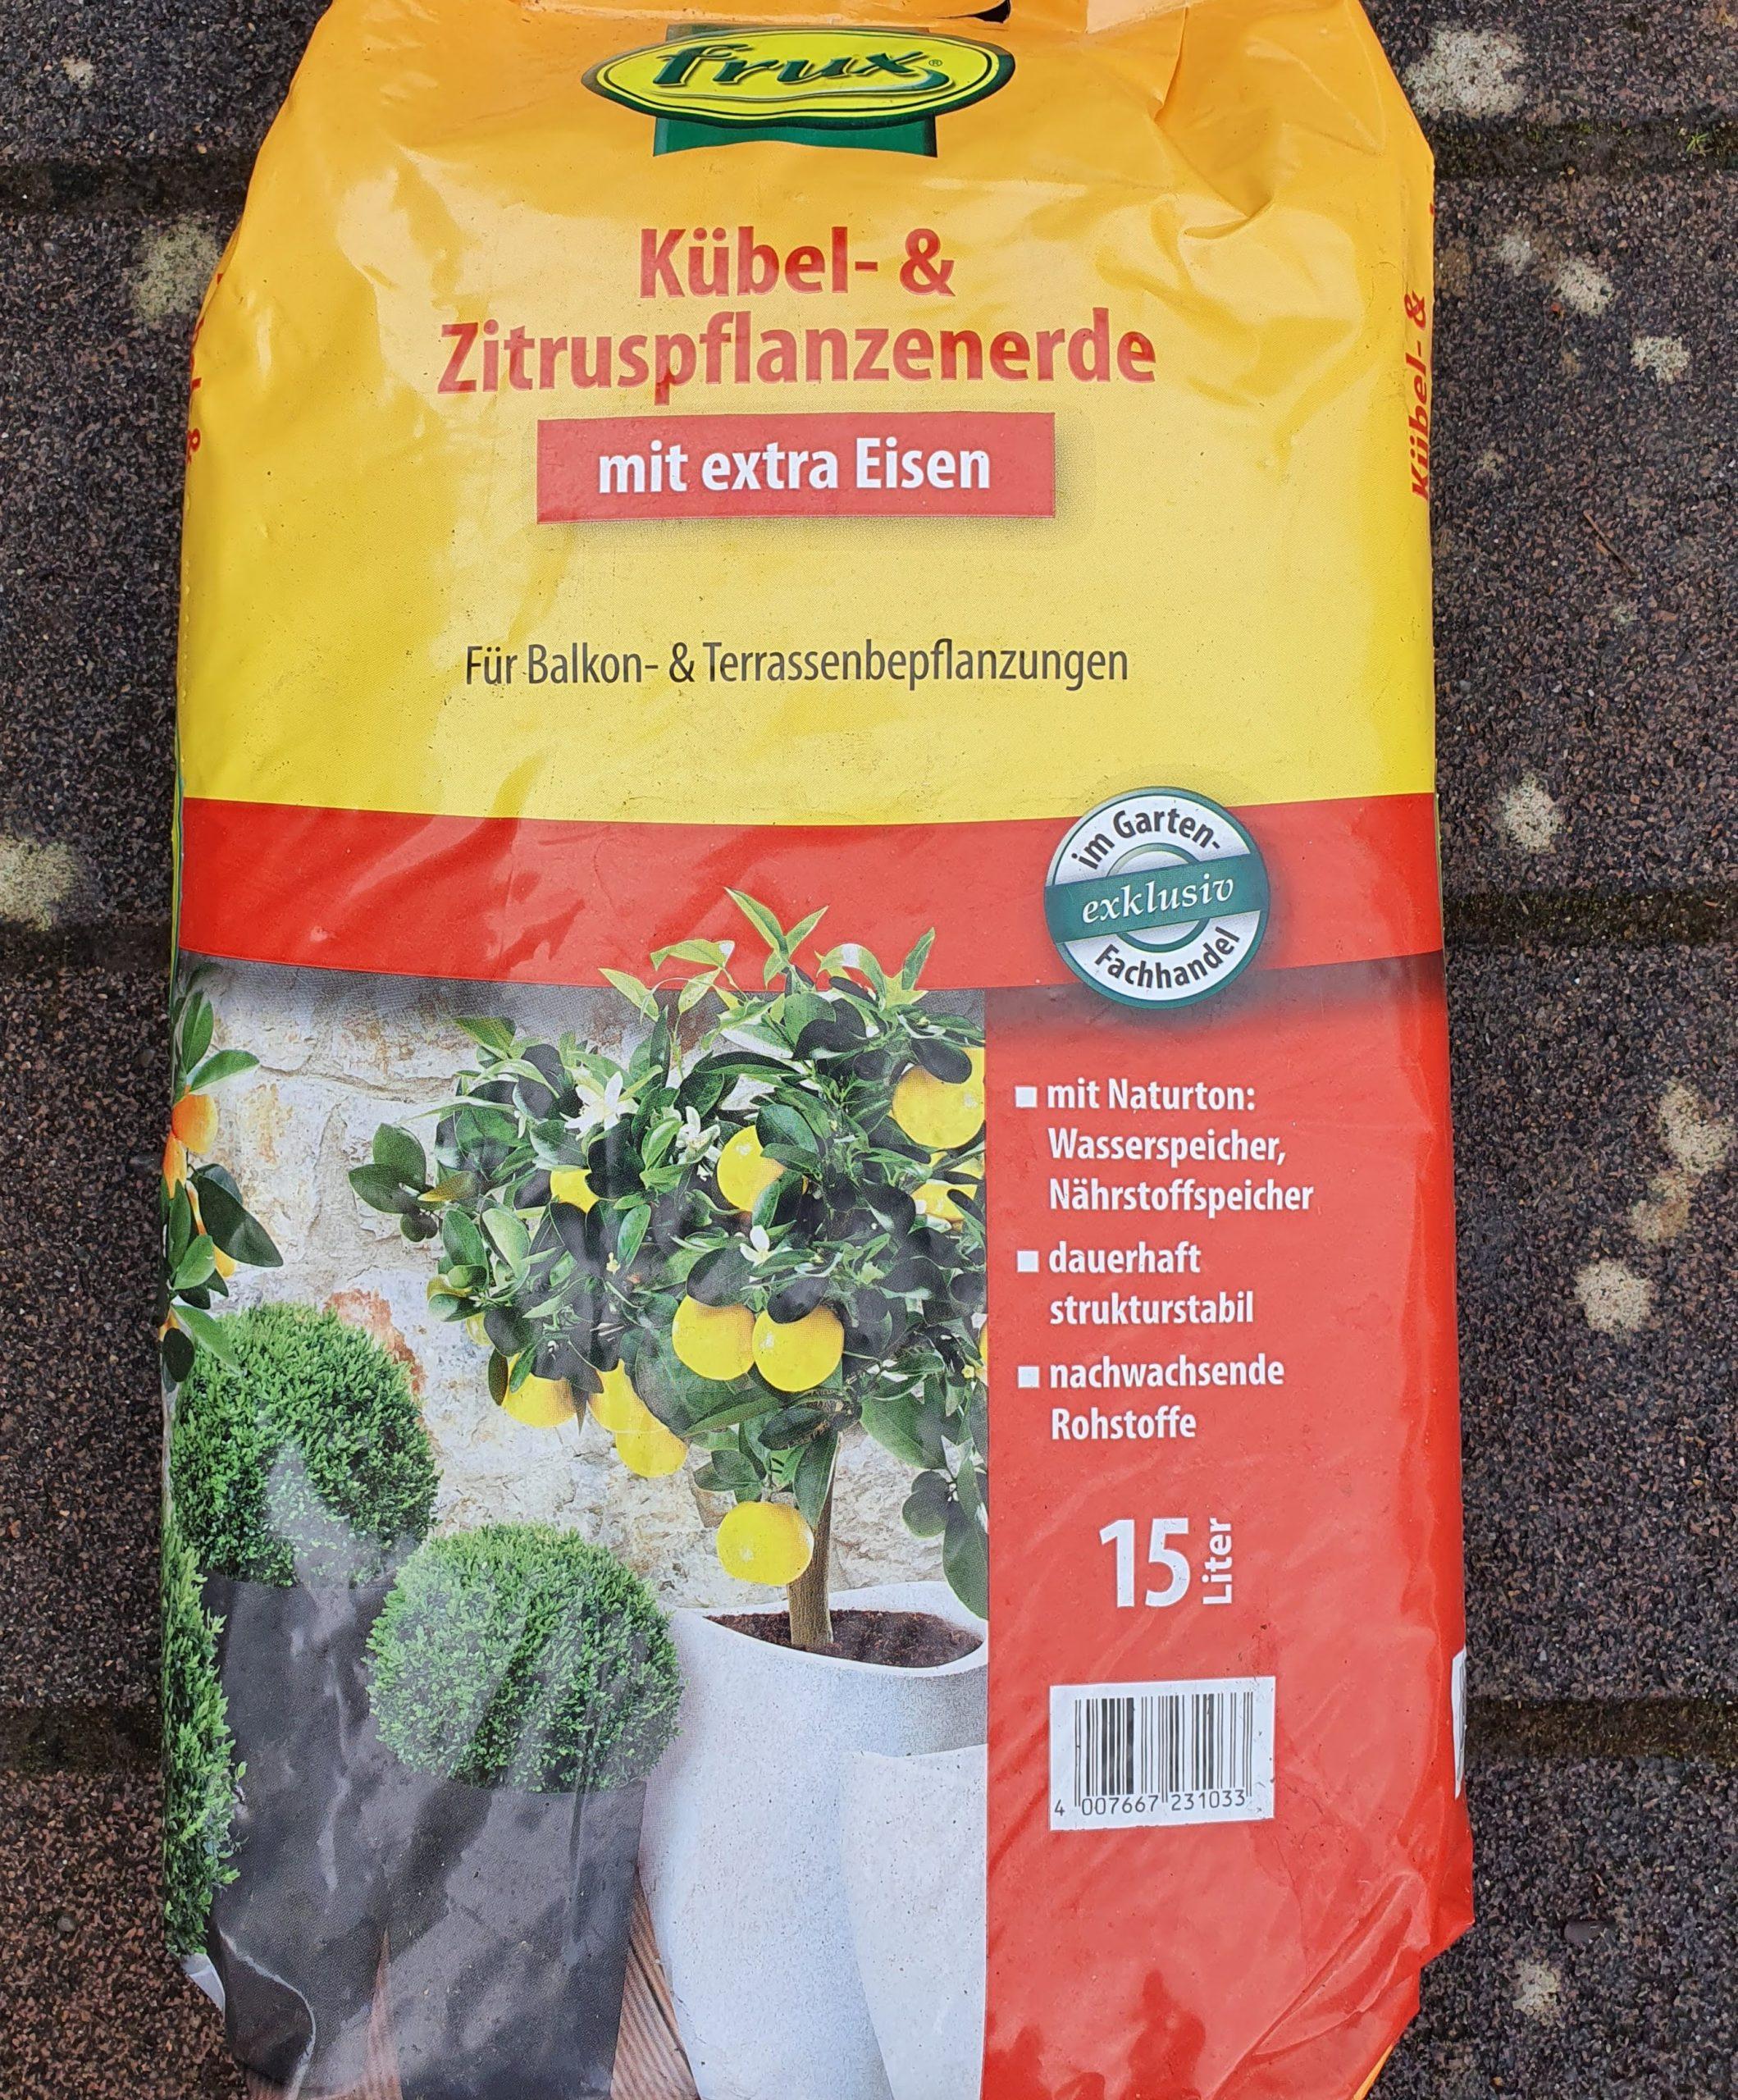 Kübel- und Zitruspflanzenerde